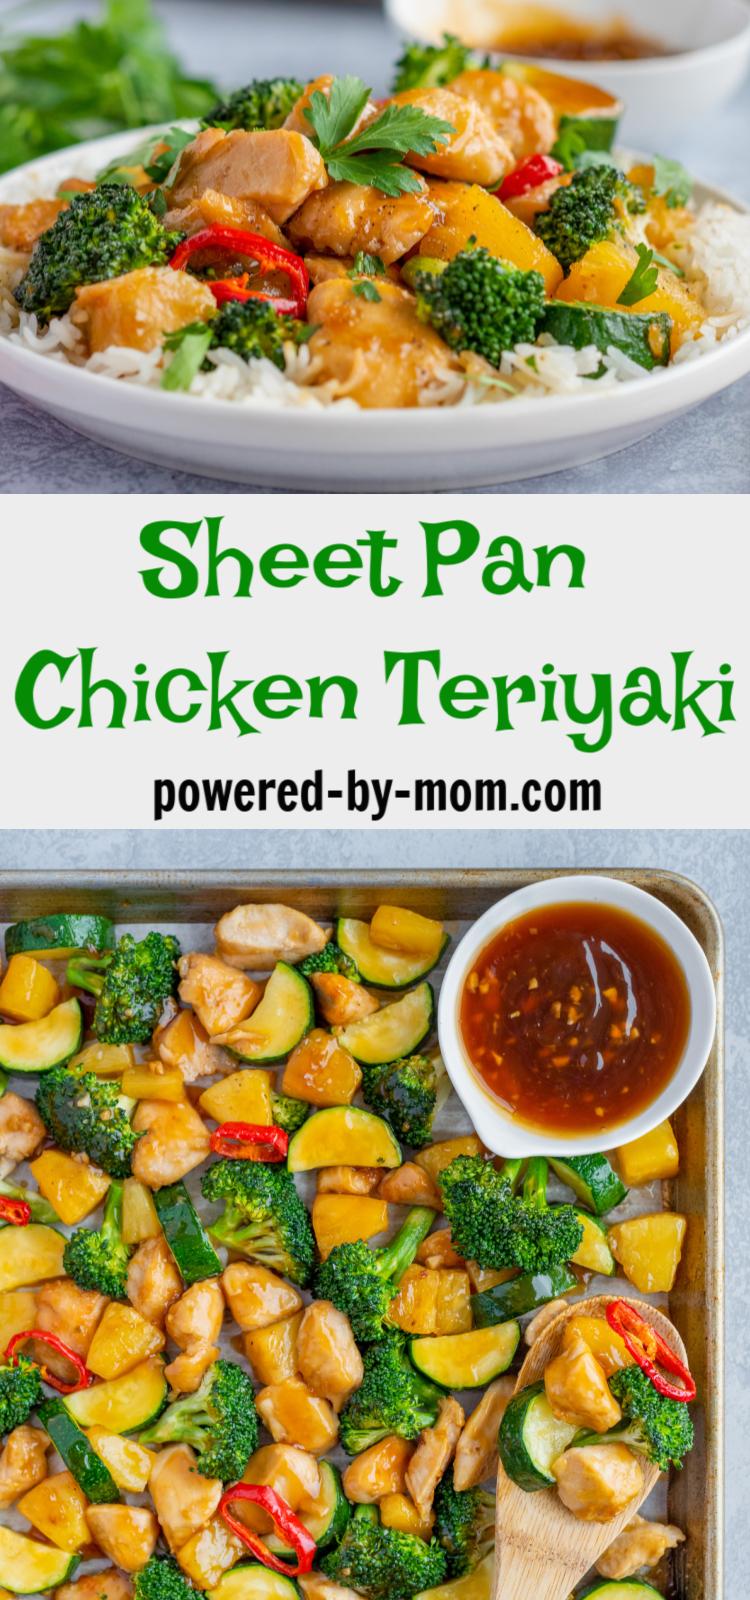 baked teriyaki chicken sheet pan dinner